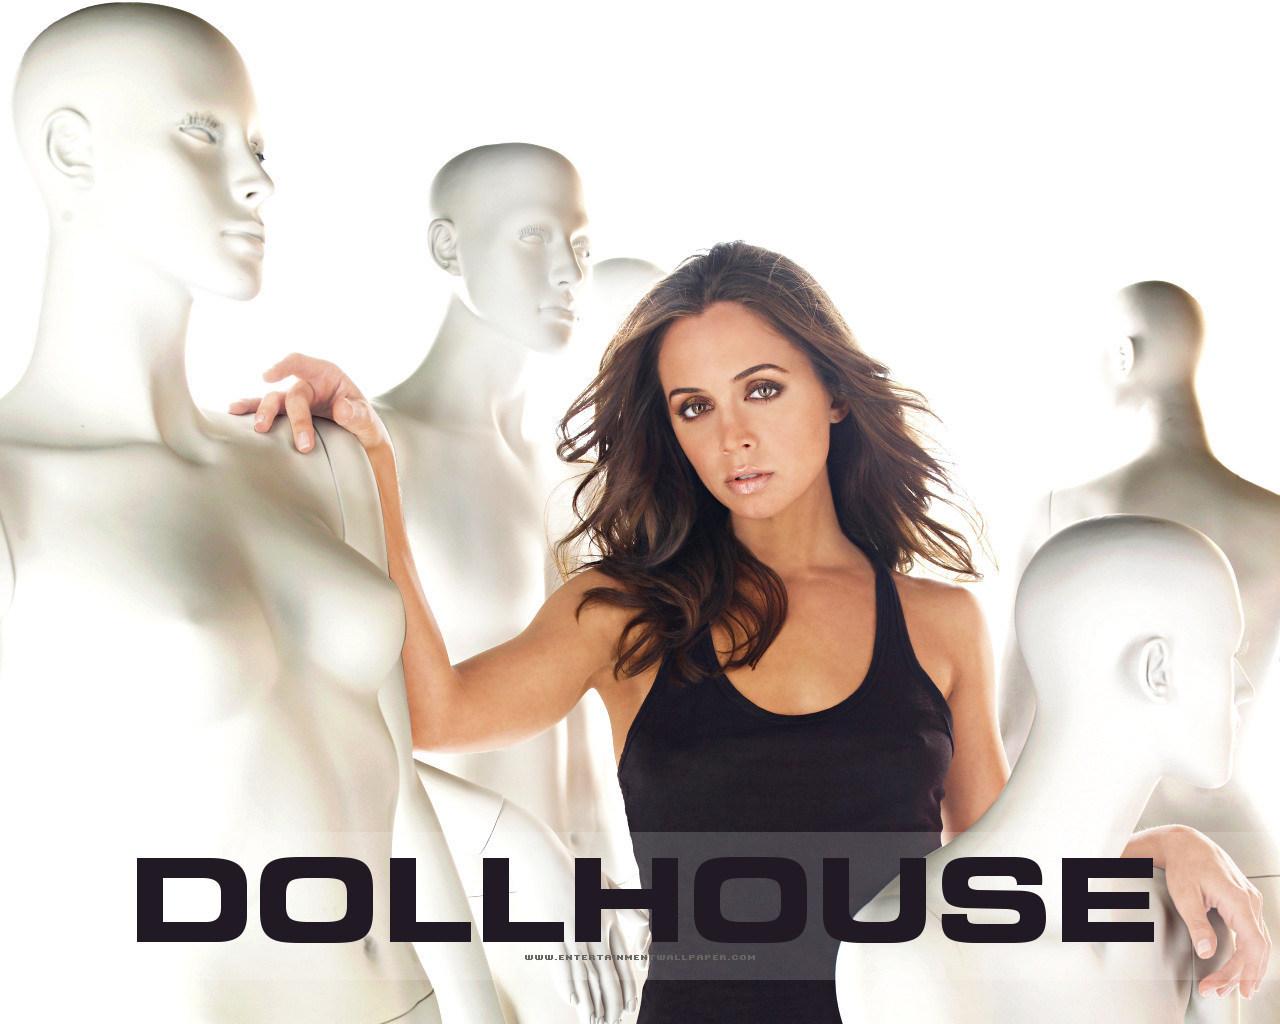 Eliza Dushku Dollhouse